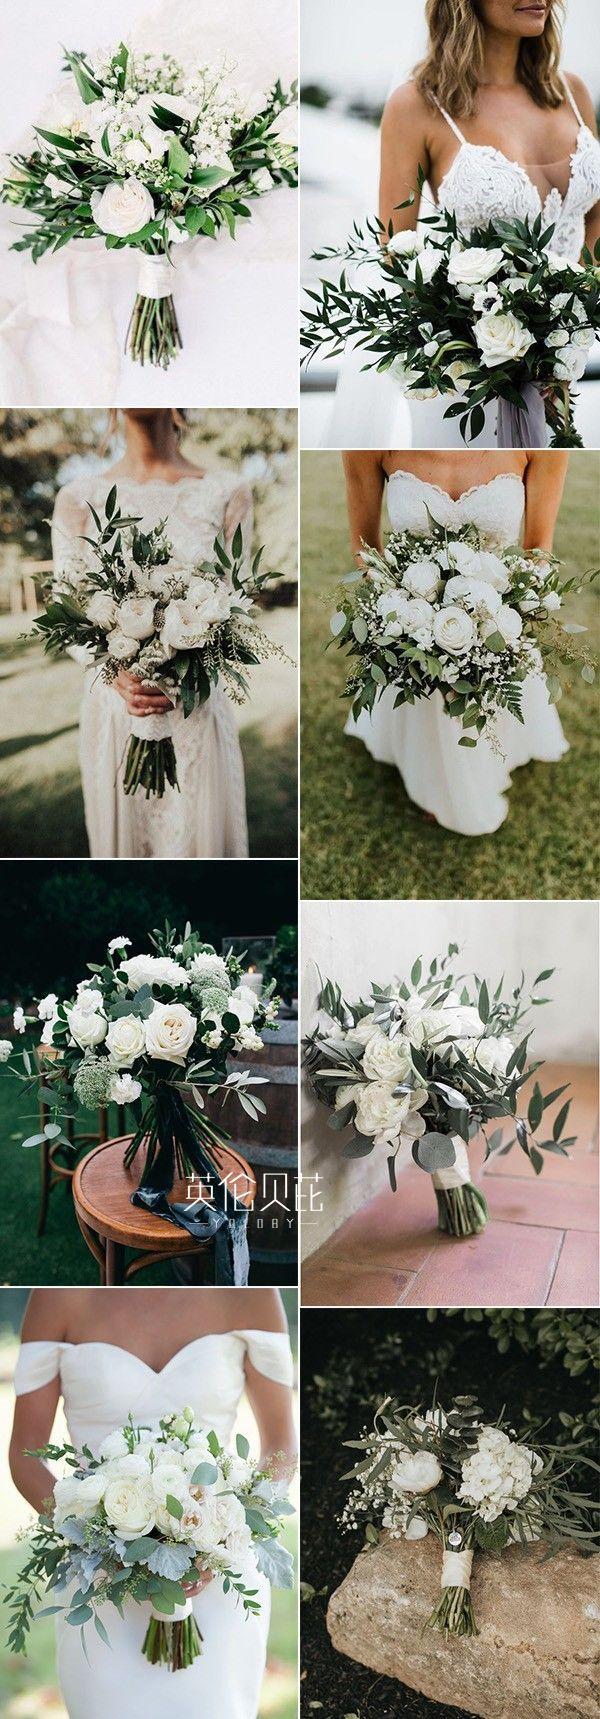 迷死万千娘娘的白色婚礼布置现场图片